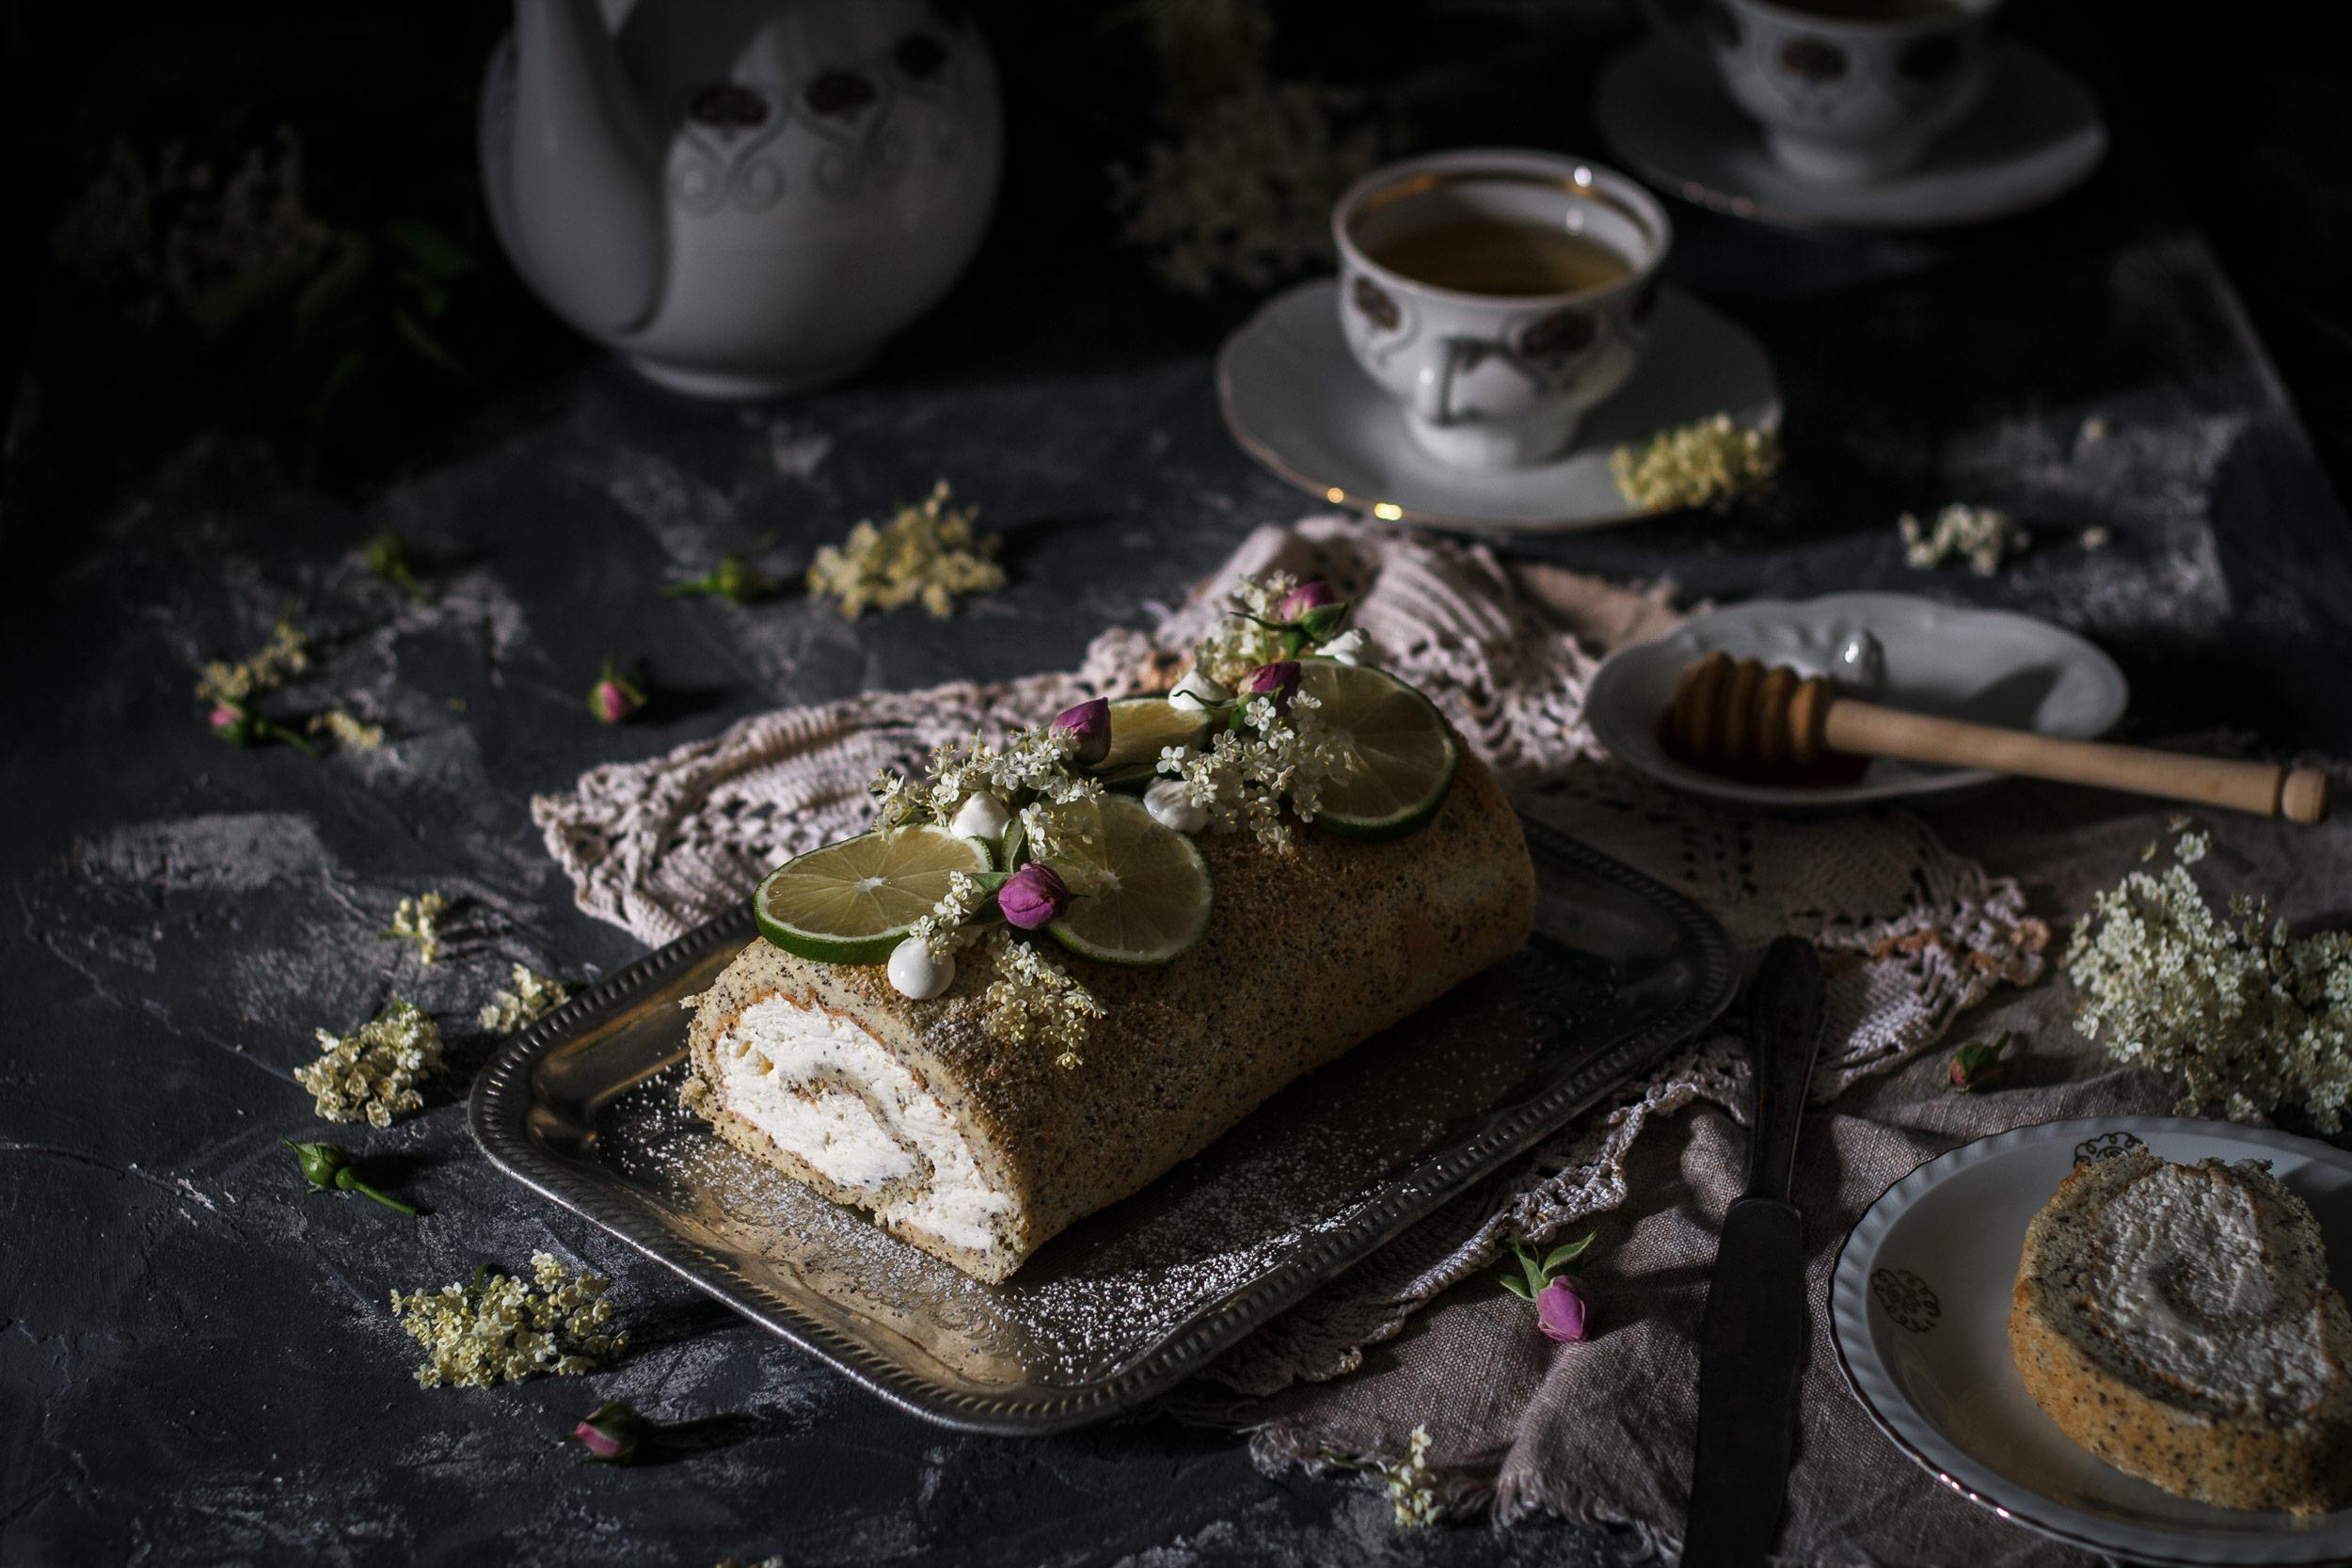 Kulinarično fotografiranje